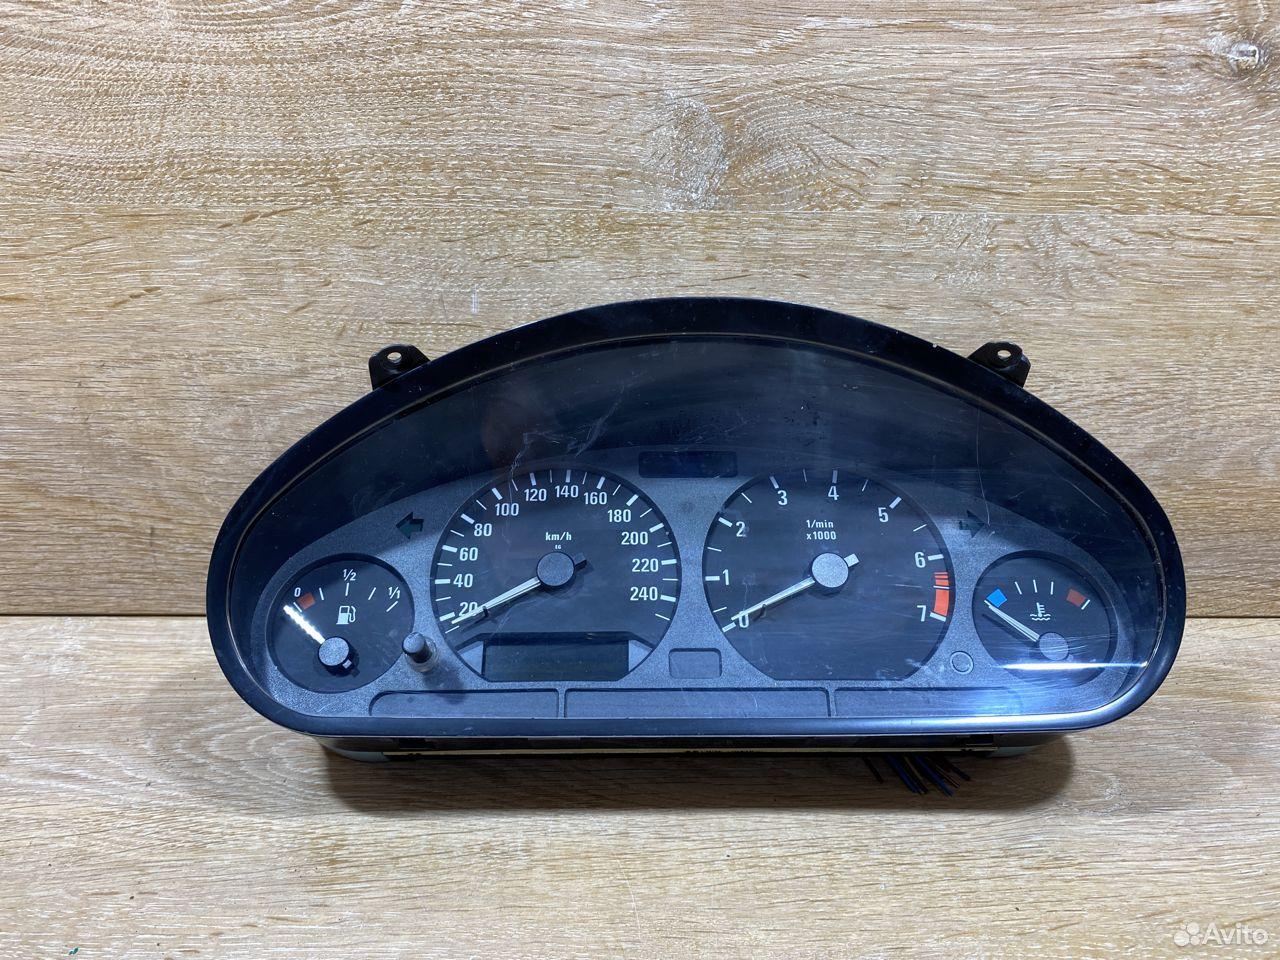 Панель приборов BMW E36 бензин 772090  89534684247 купить 1